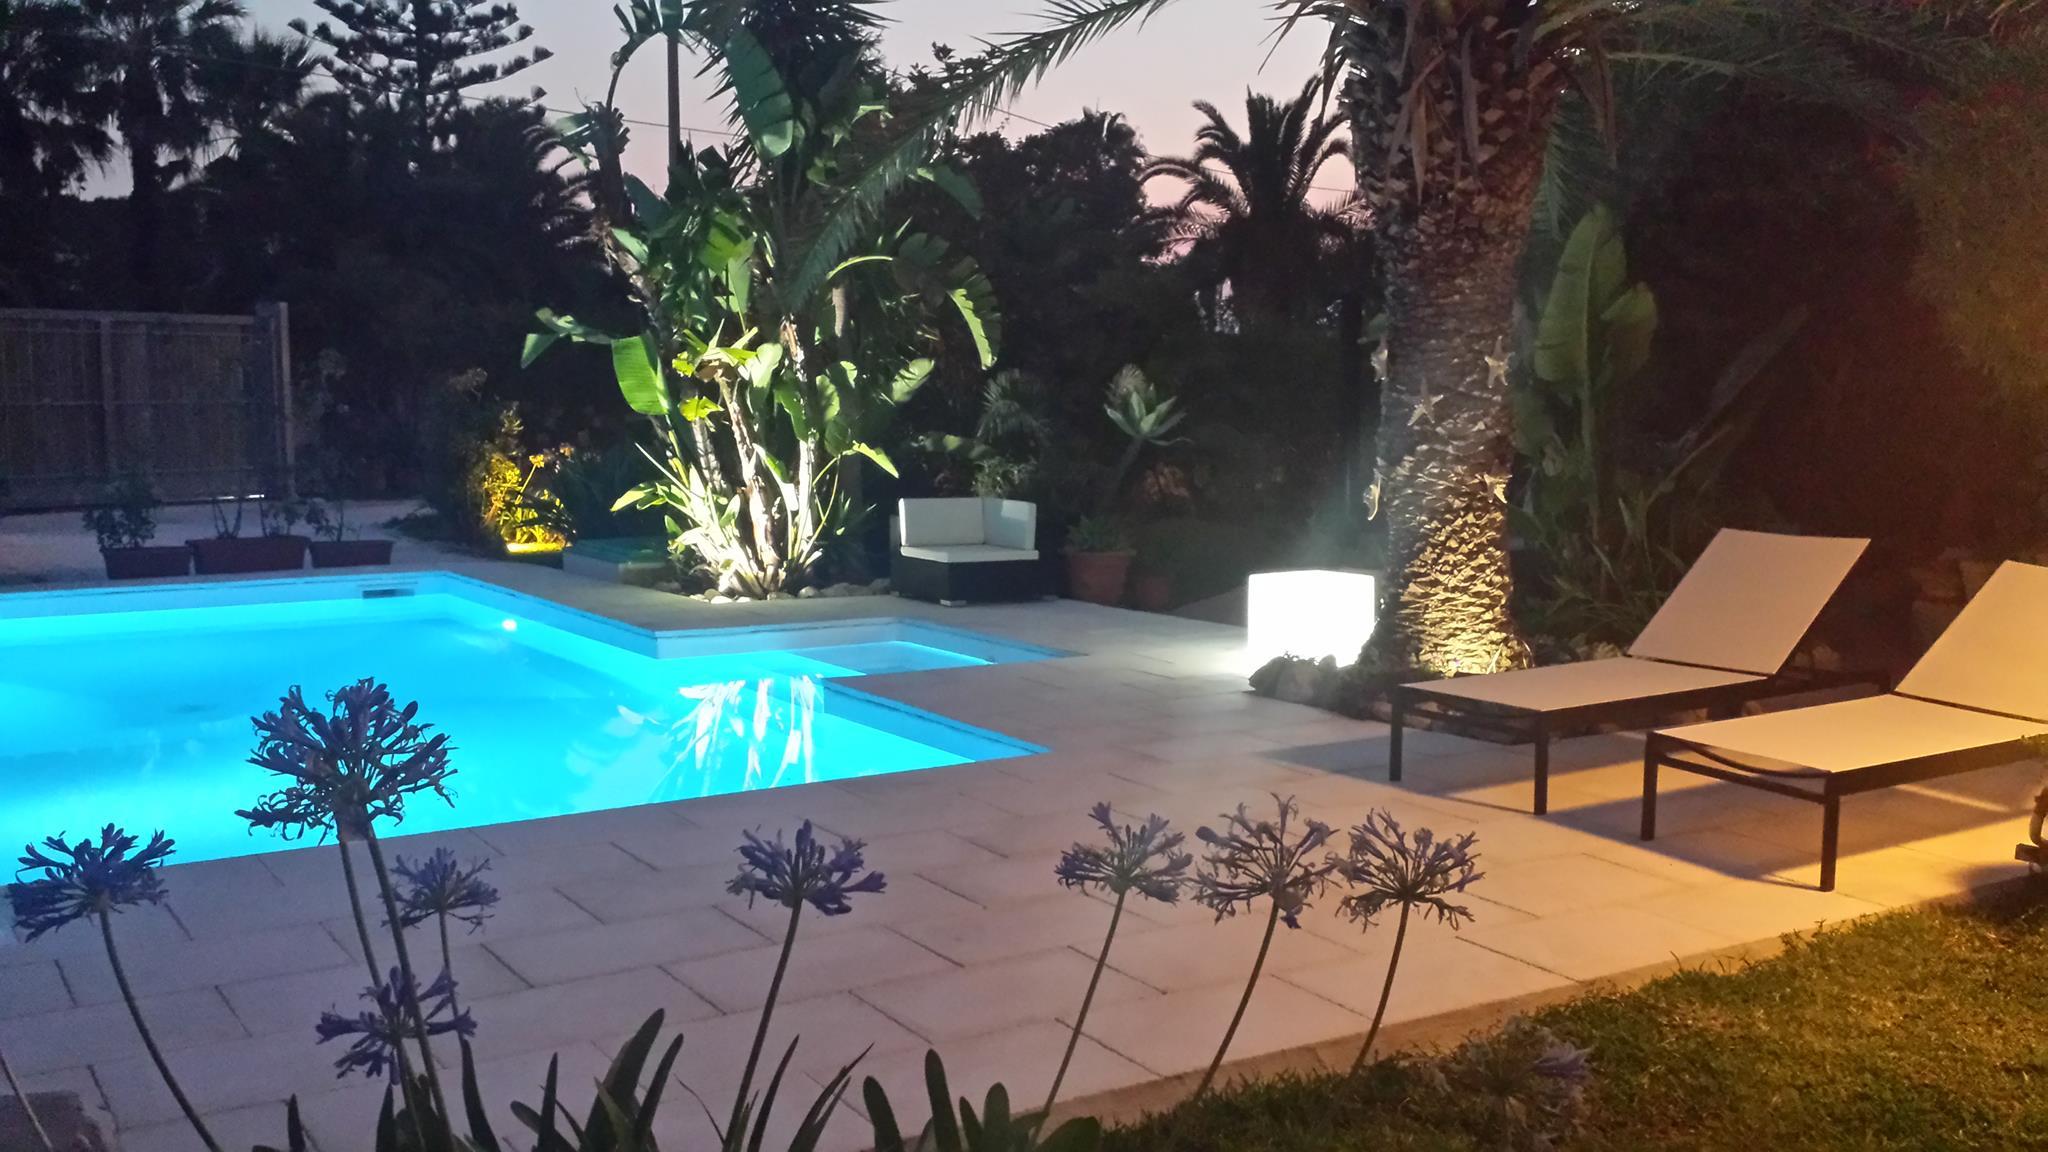 Vendita Piscine A Catania prodotti — > vendita piscine agrigento